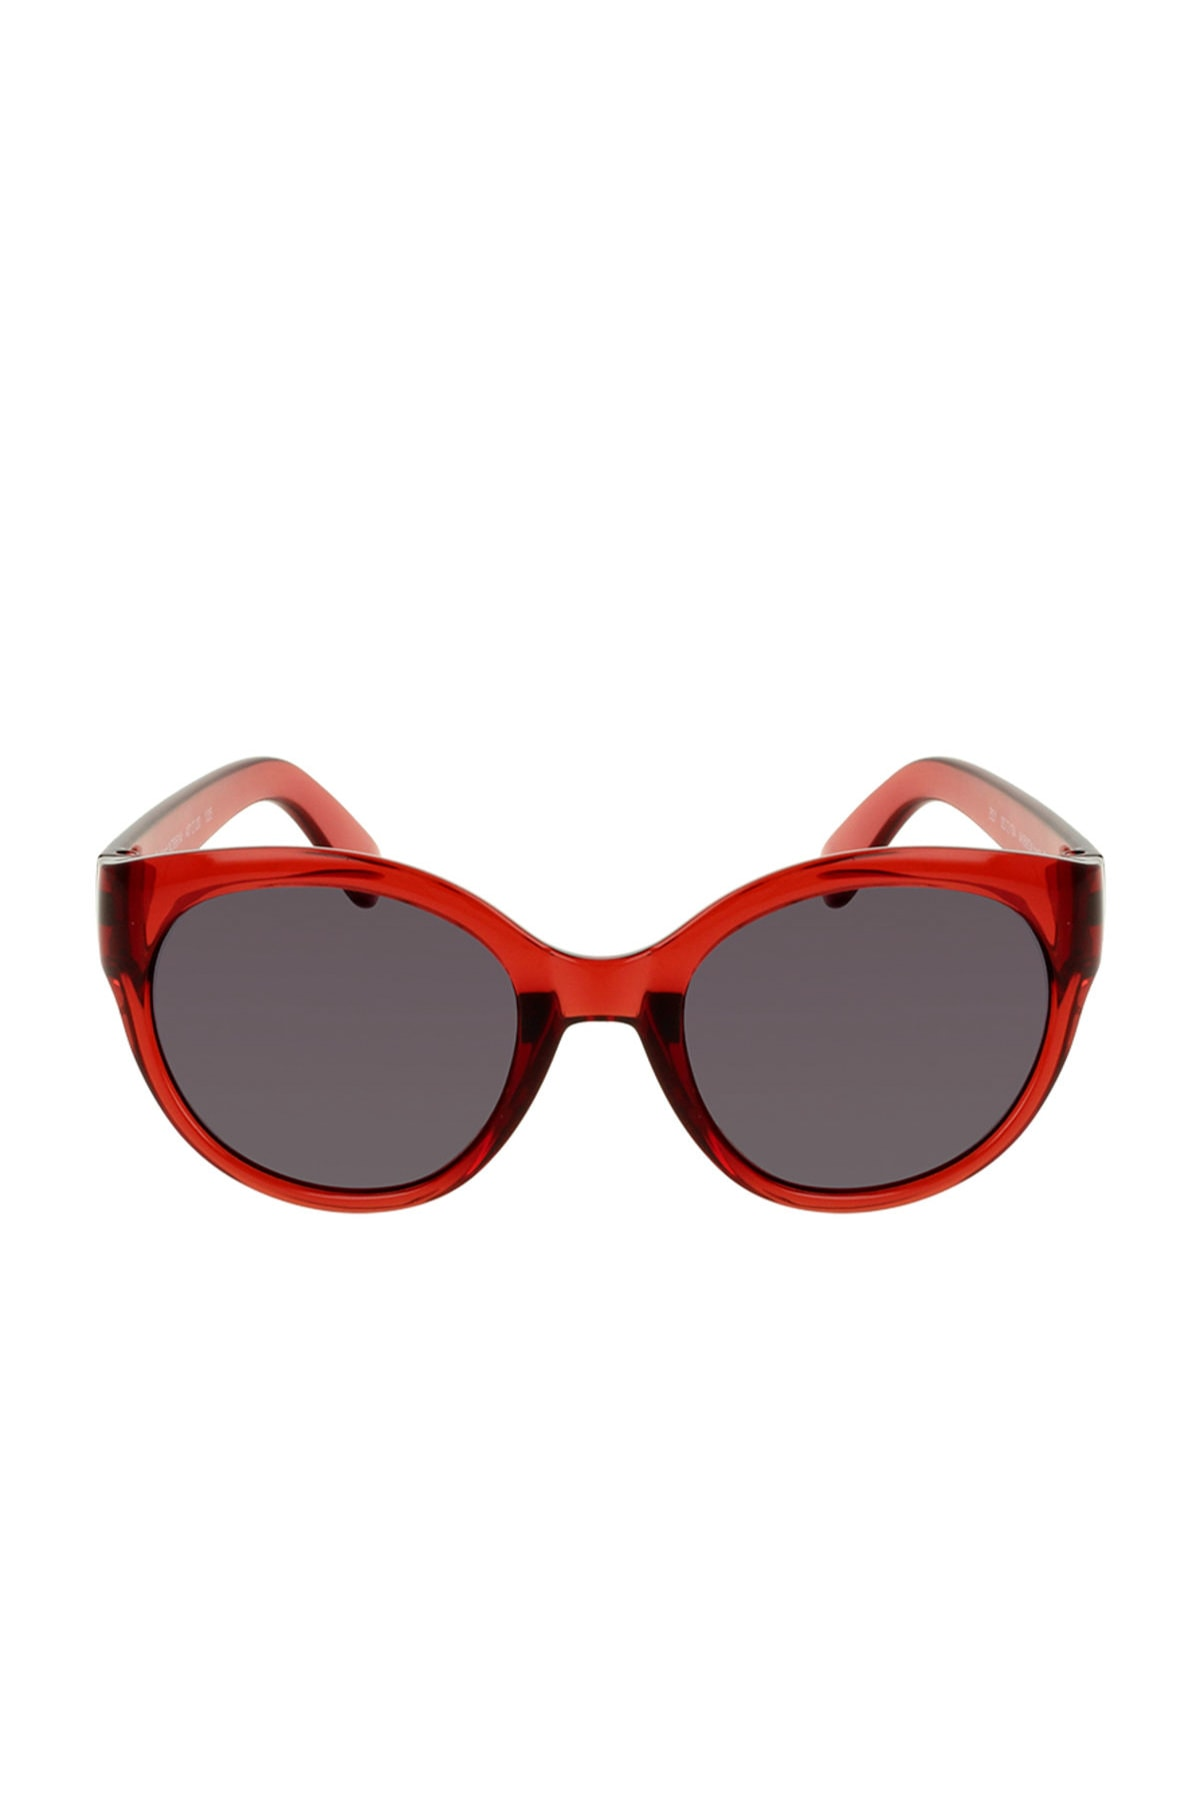 فروش پستی عینک آفتابی بچه گانه دخترانه ترک برند INESTA KIDS رنگ بژ کد ty33199213